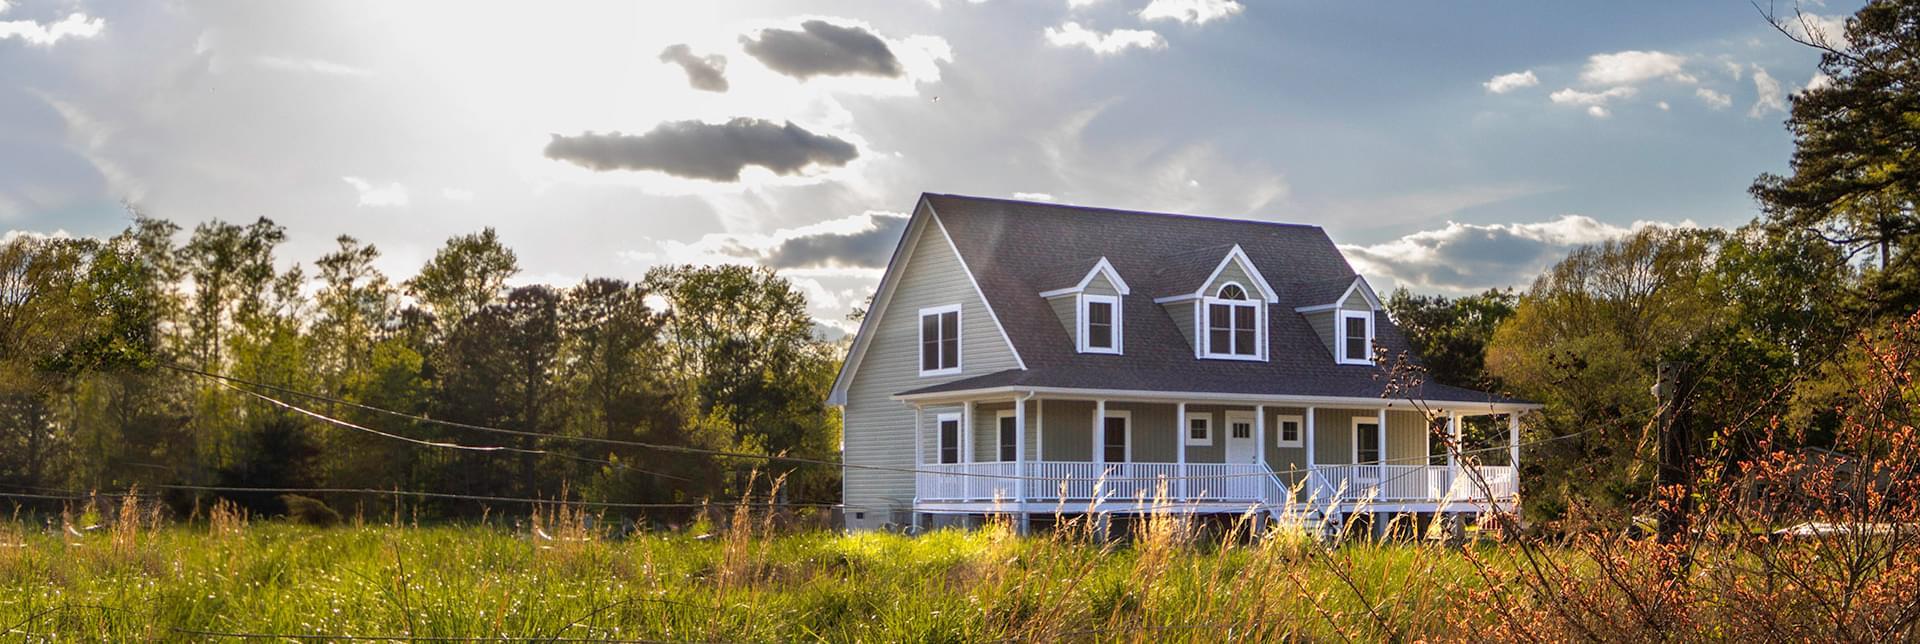 New Homes in City of Chesapeake VA